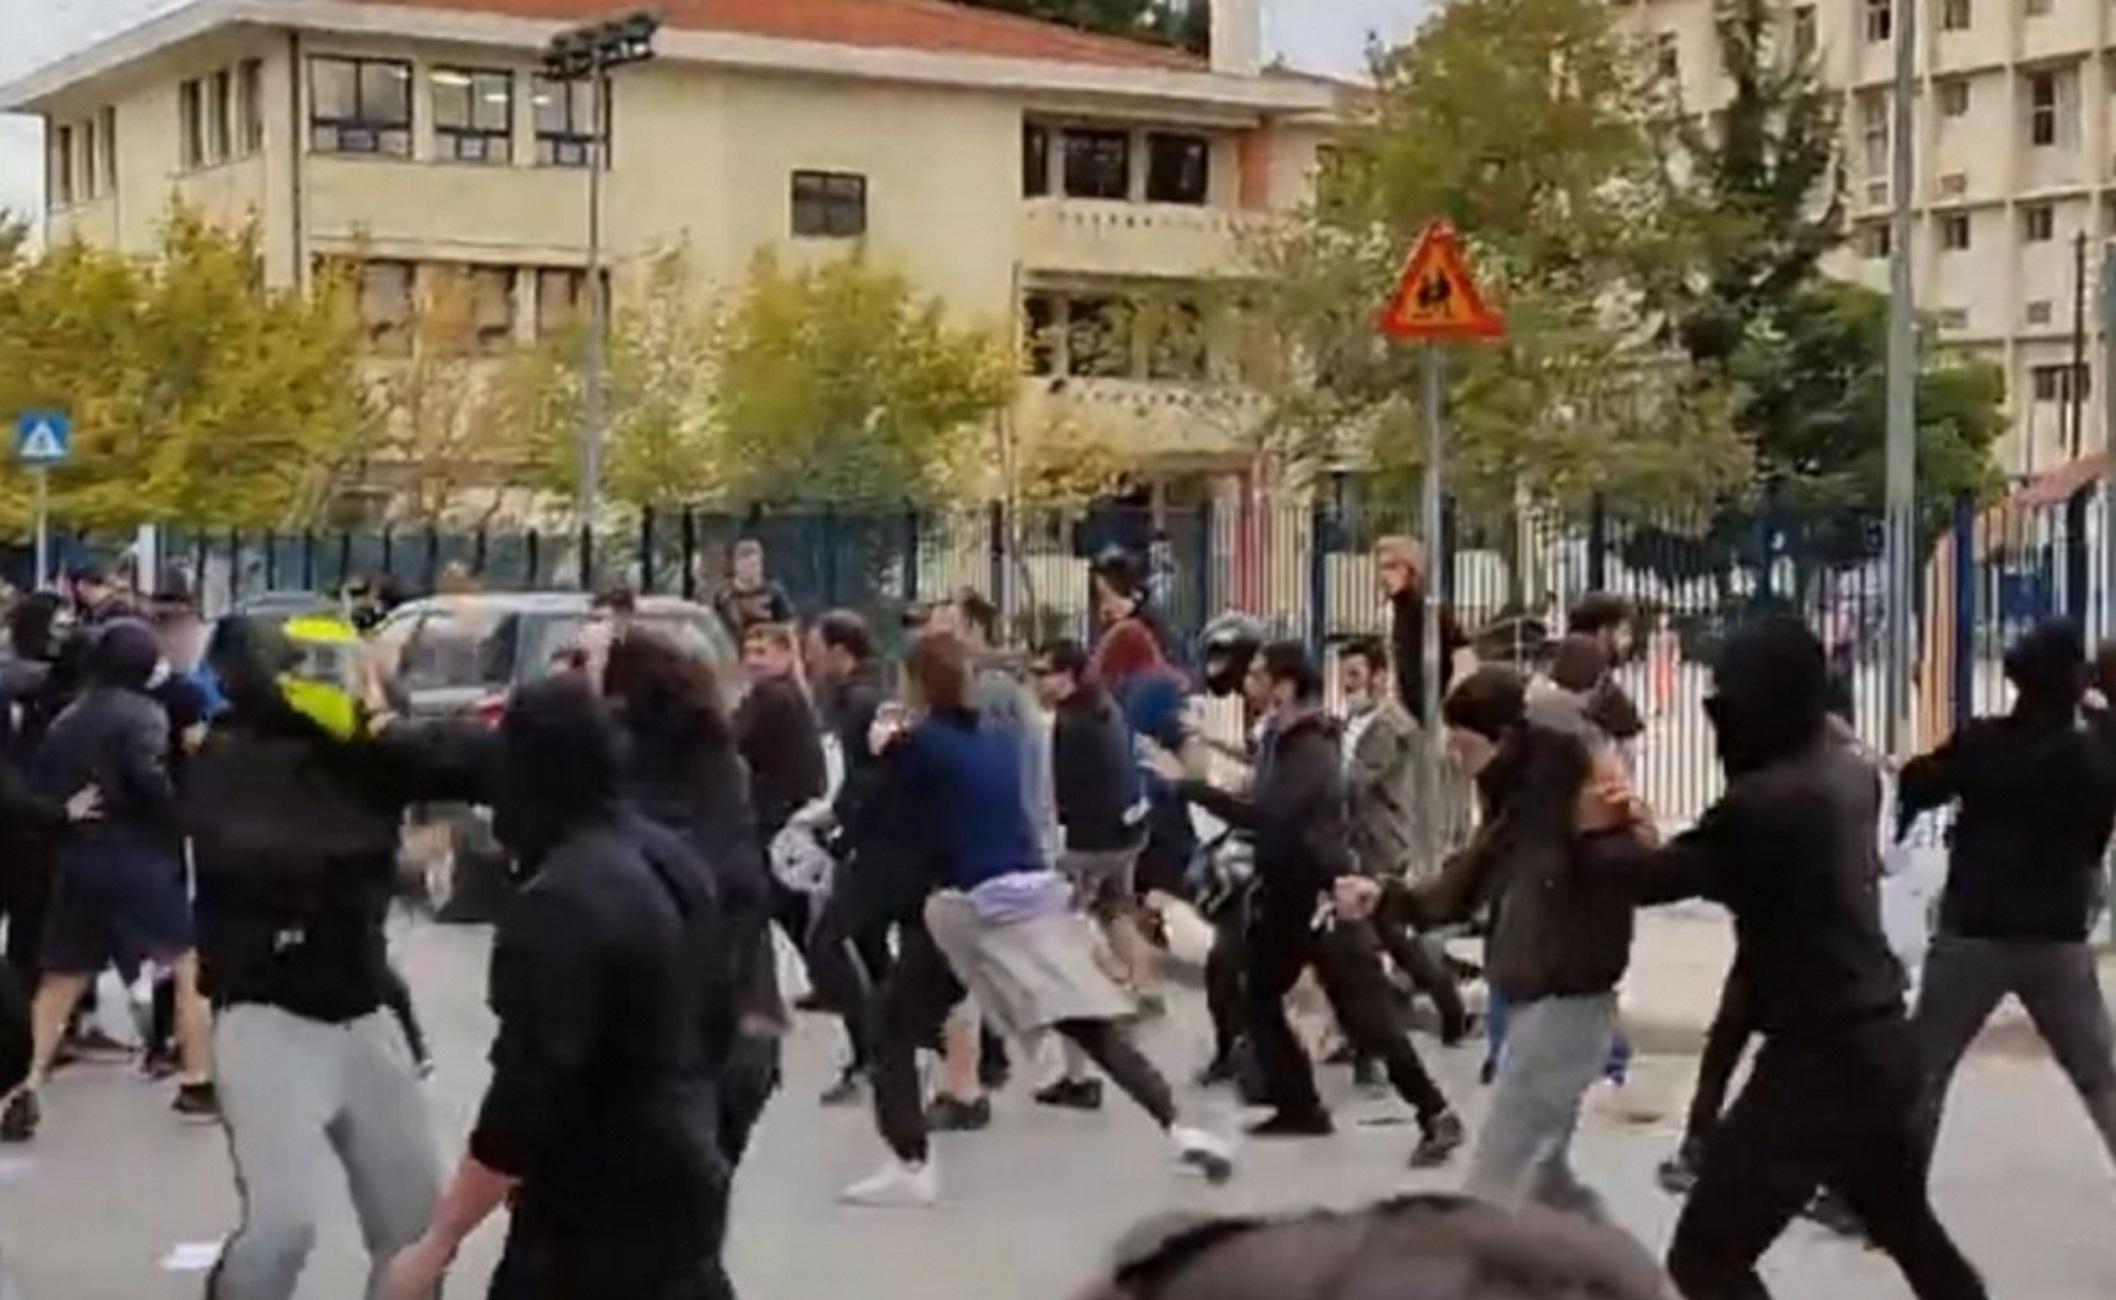 Θεσσαλονίκη: Βίντεο ντοκουμέντα και μαρτυρίες για τα άγρια επεισόδια με  καδρόνια στο ΕΠΑΛ Σταυρούπολης